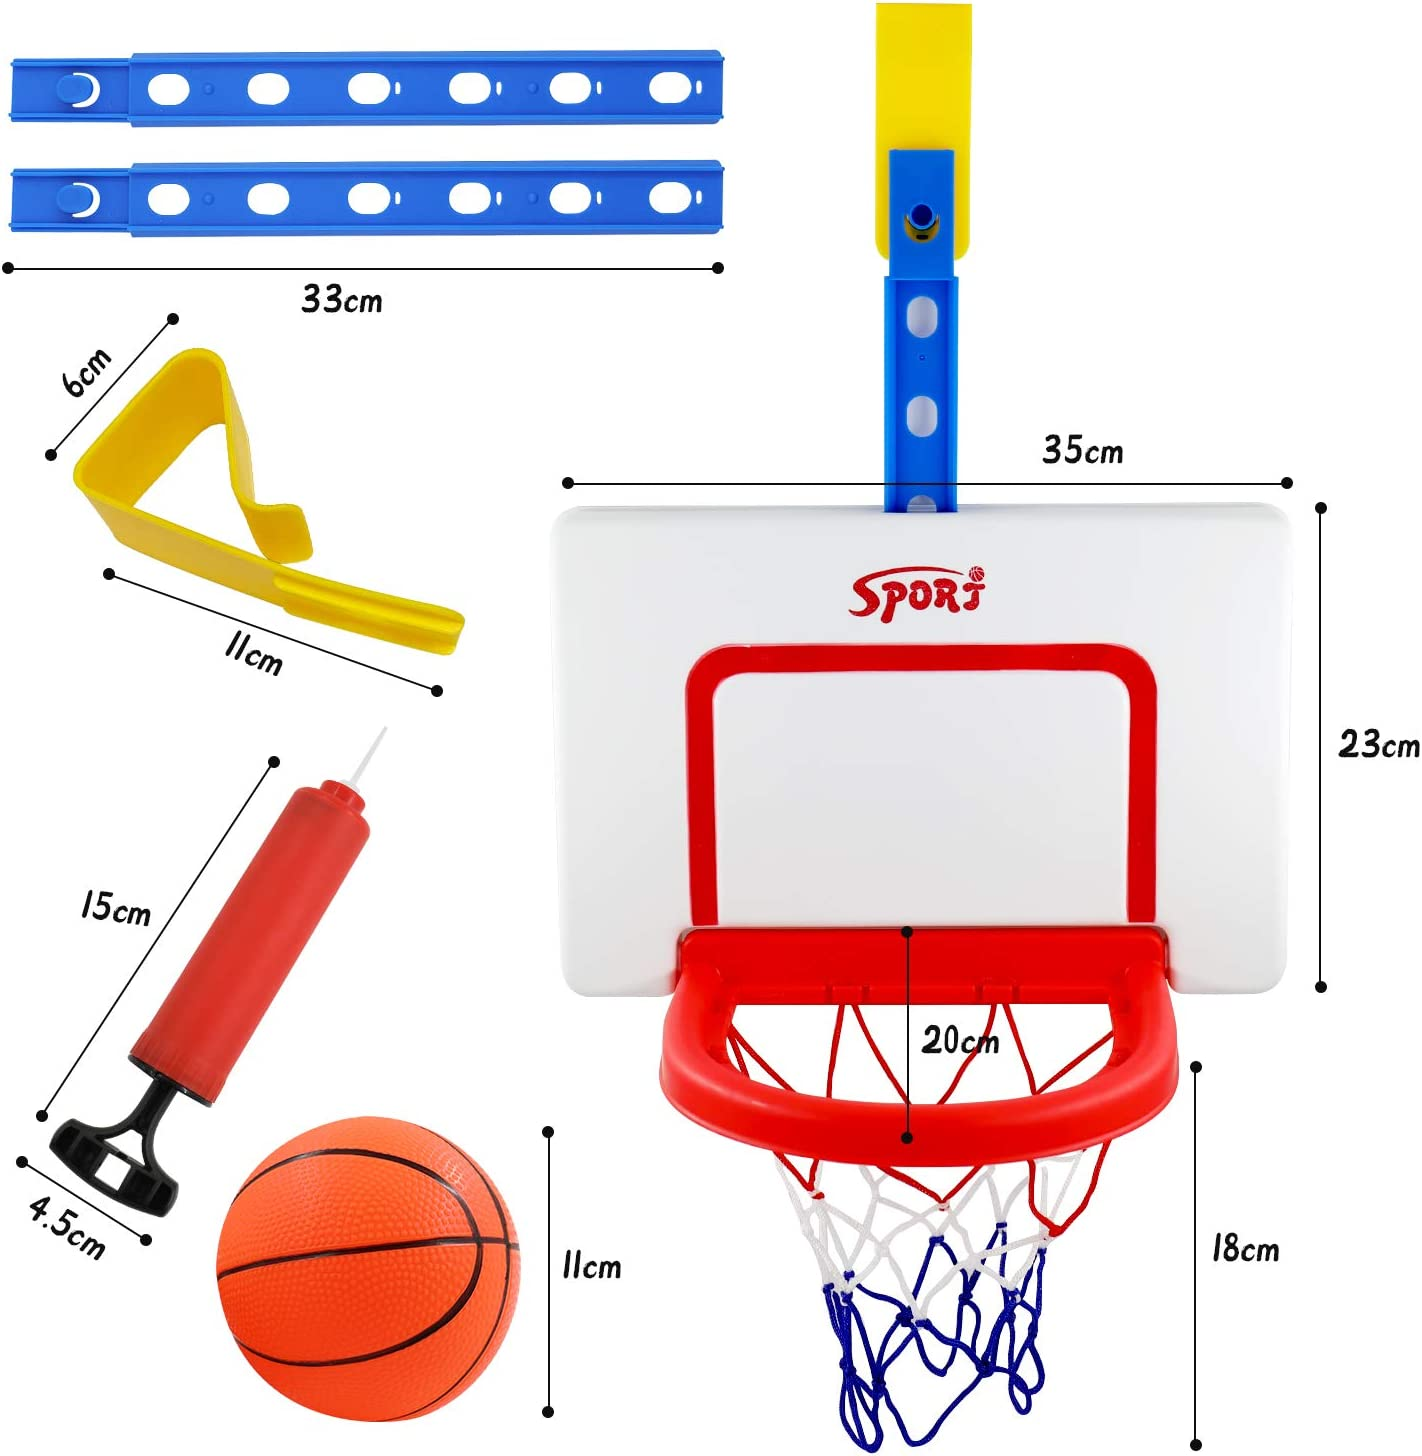 Einstellbar Basketballkorb f/ürs Zimmer mit Ball und B/älle Pumpe Hyselene Basketballkorb Kinder Indoor Outdoor Jahre Alt Sportspielzeug f/ür Jungen M/ädchen 3